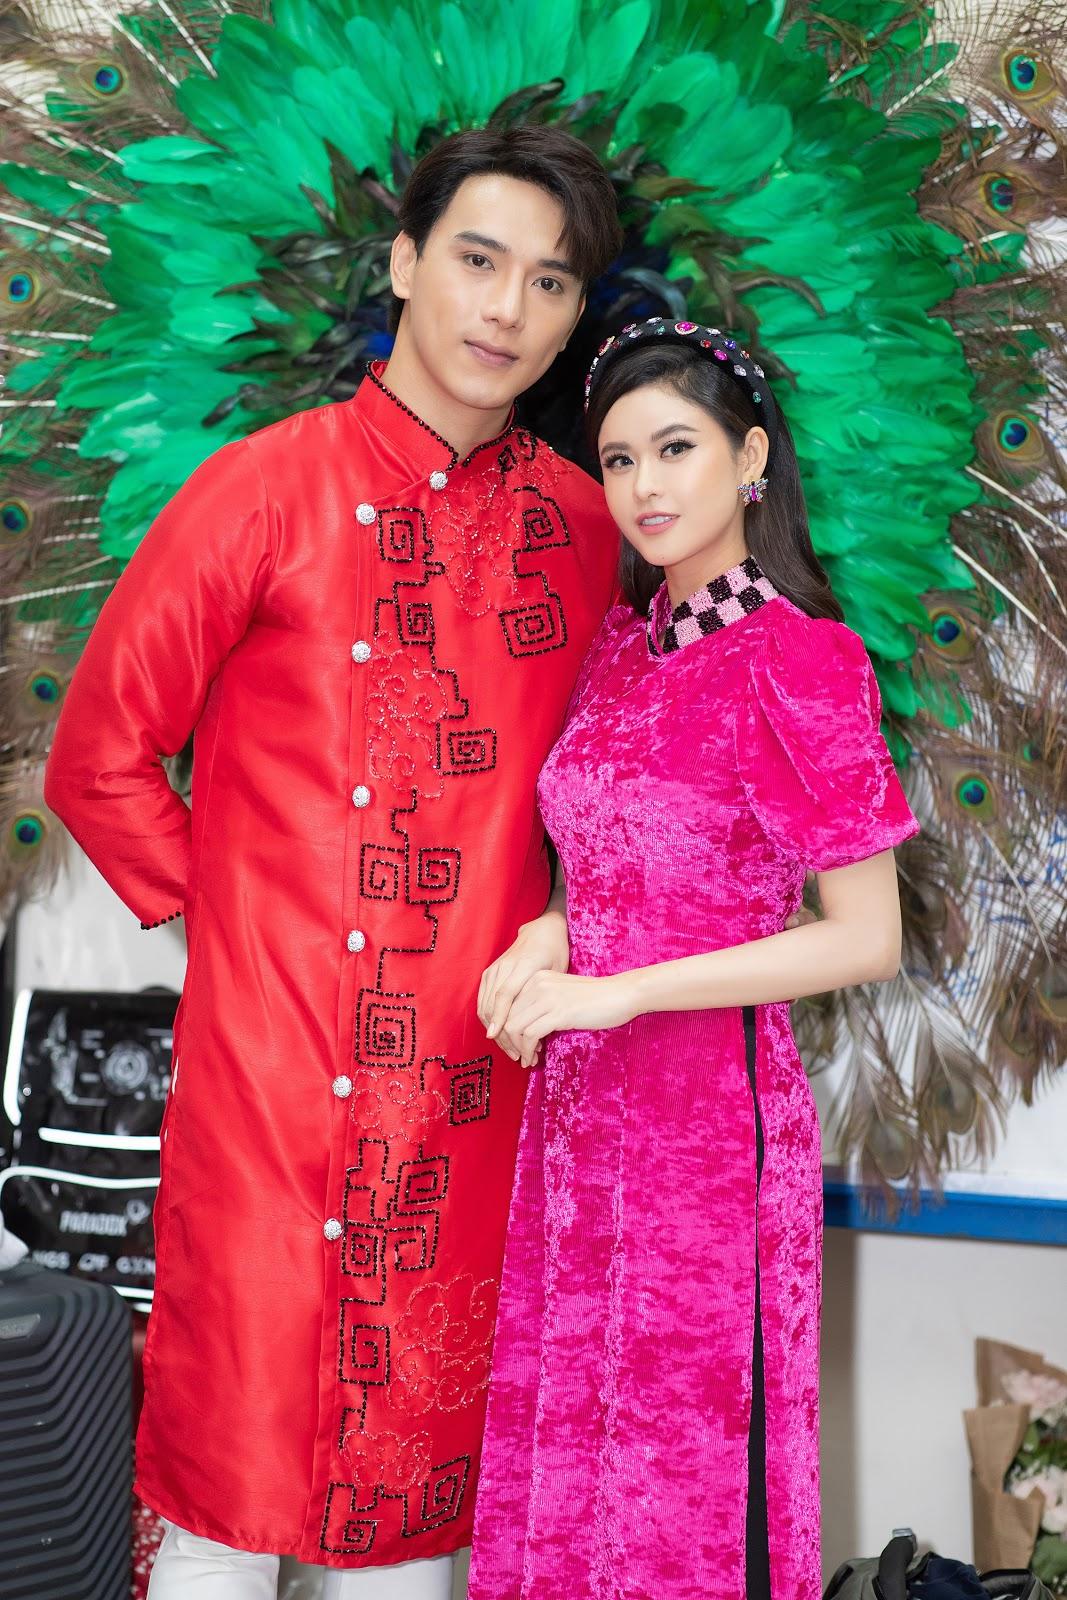 Xúc động hình ảnh Trương Quỳnh Anh và con trai trong hậu trường show diễn thời trang - Hình 7